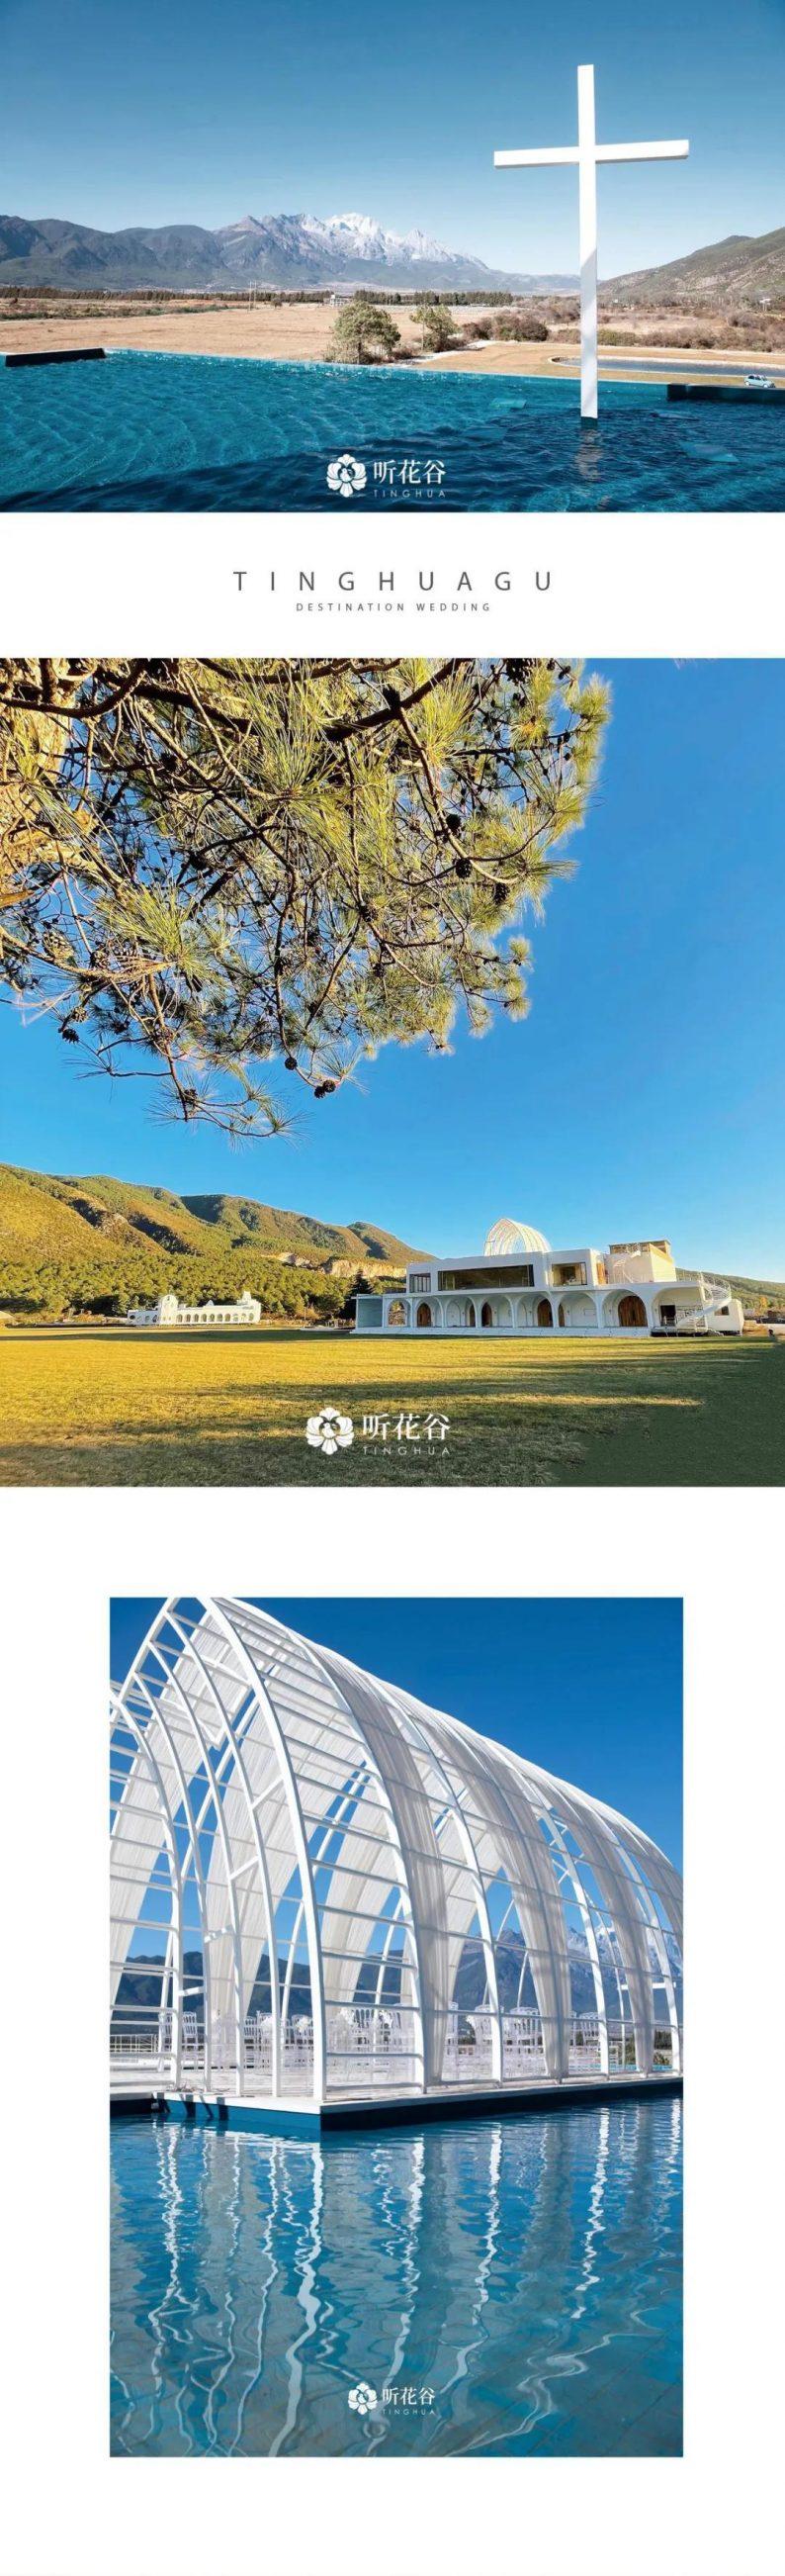 婚礼堂发布:雪山下的圣洁礼堂,丽江婚礼新地标  第3张